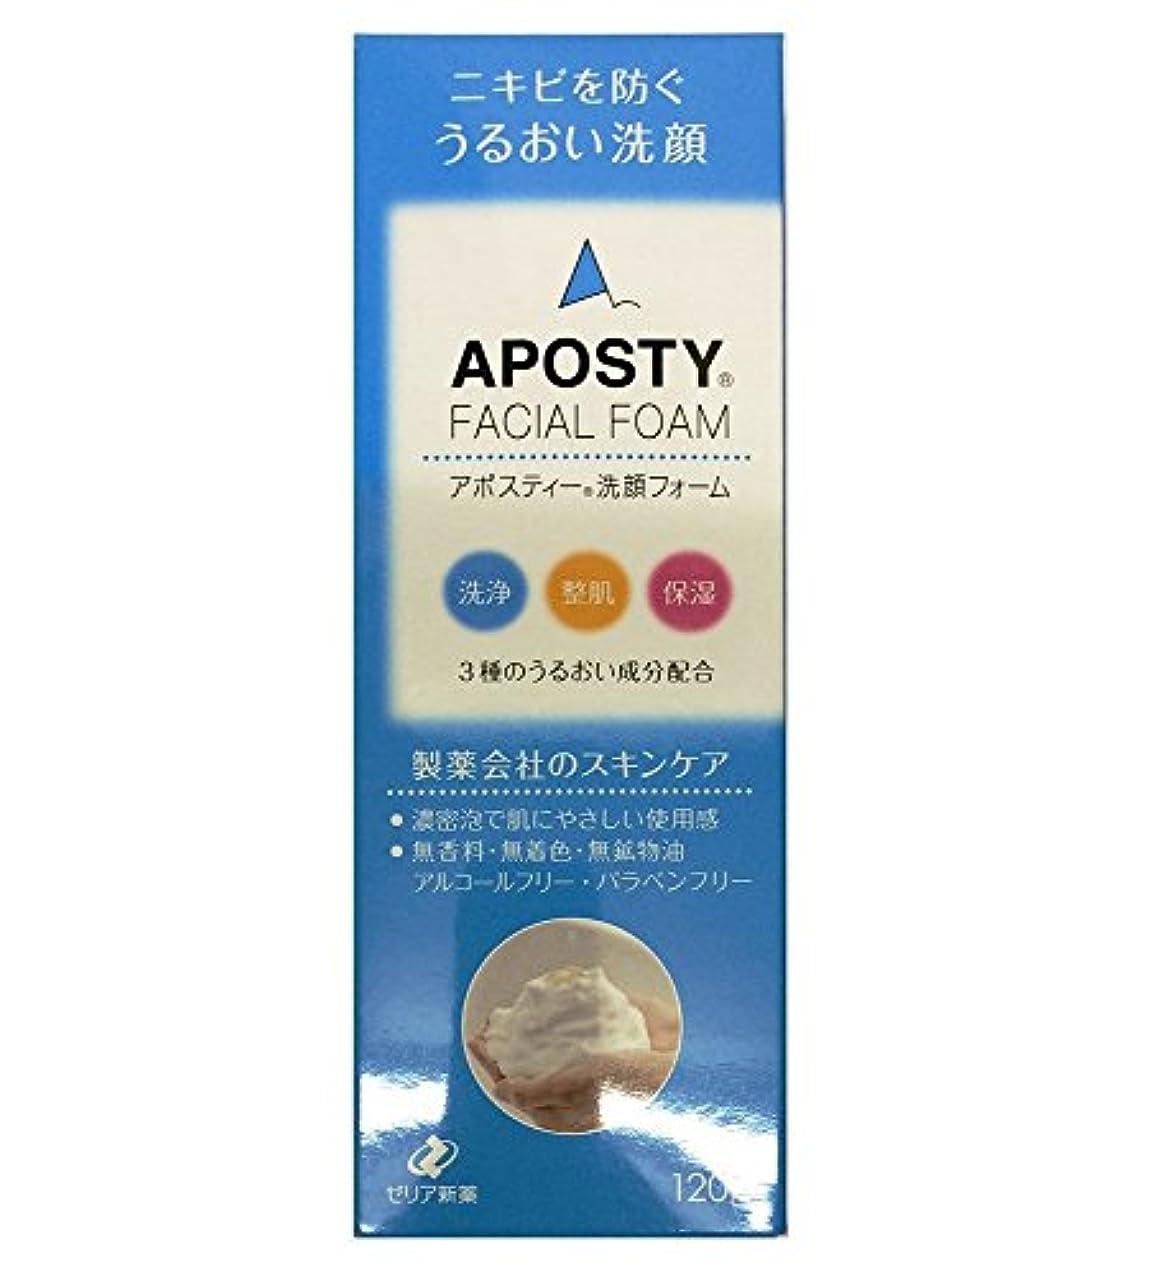 適切にリビングルーム政治的ゼリア新薬工業 アポスティー 洗顔フォーム 120g